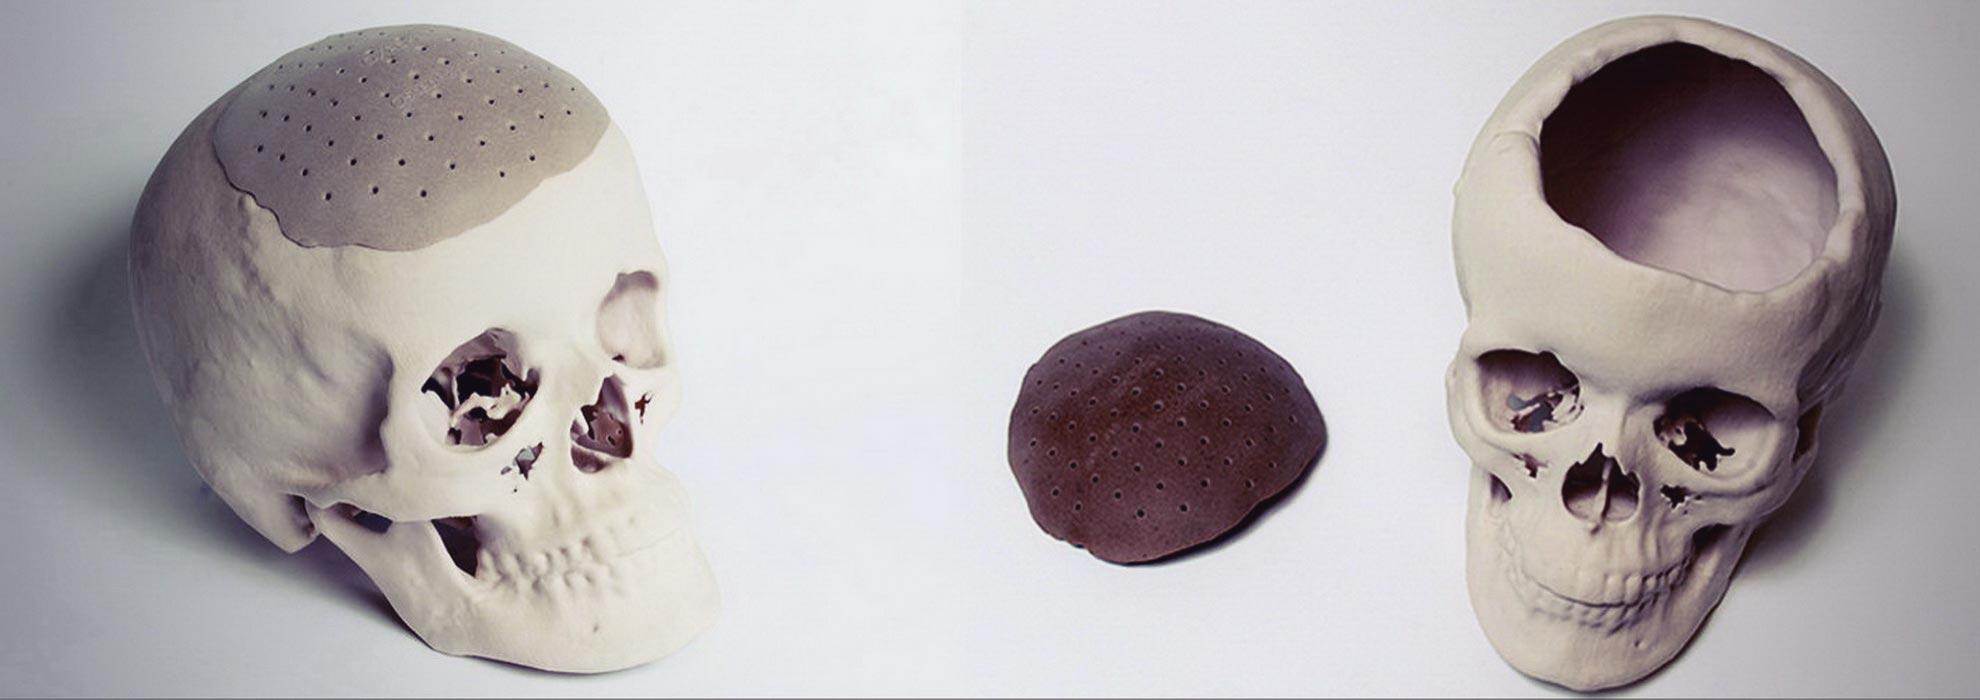 Часть кости черепа изготовленная на 3Д принтере